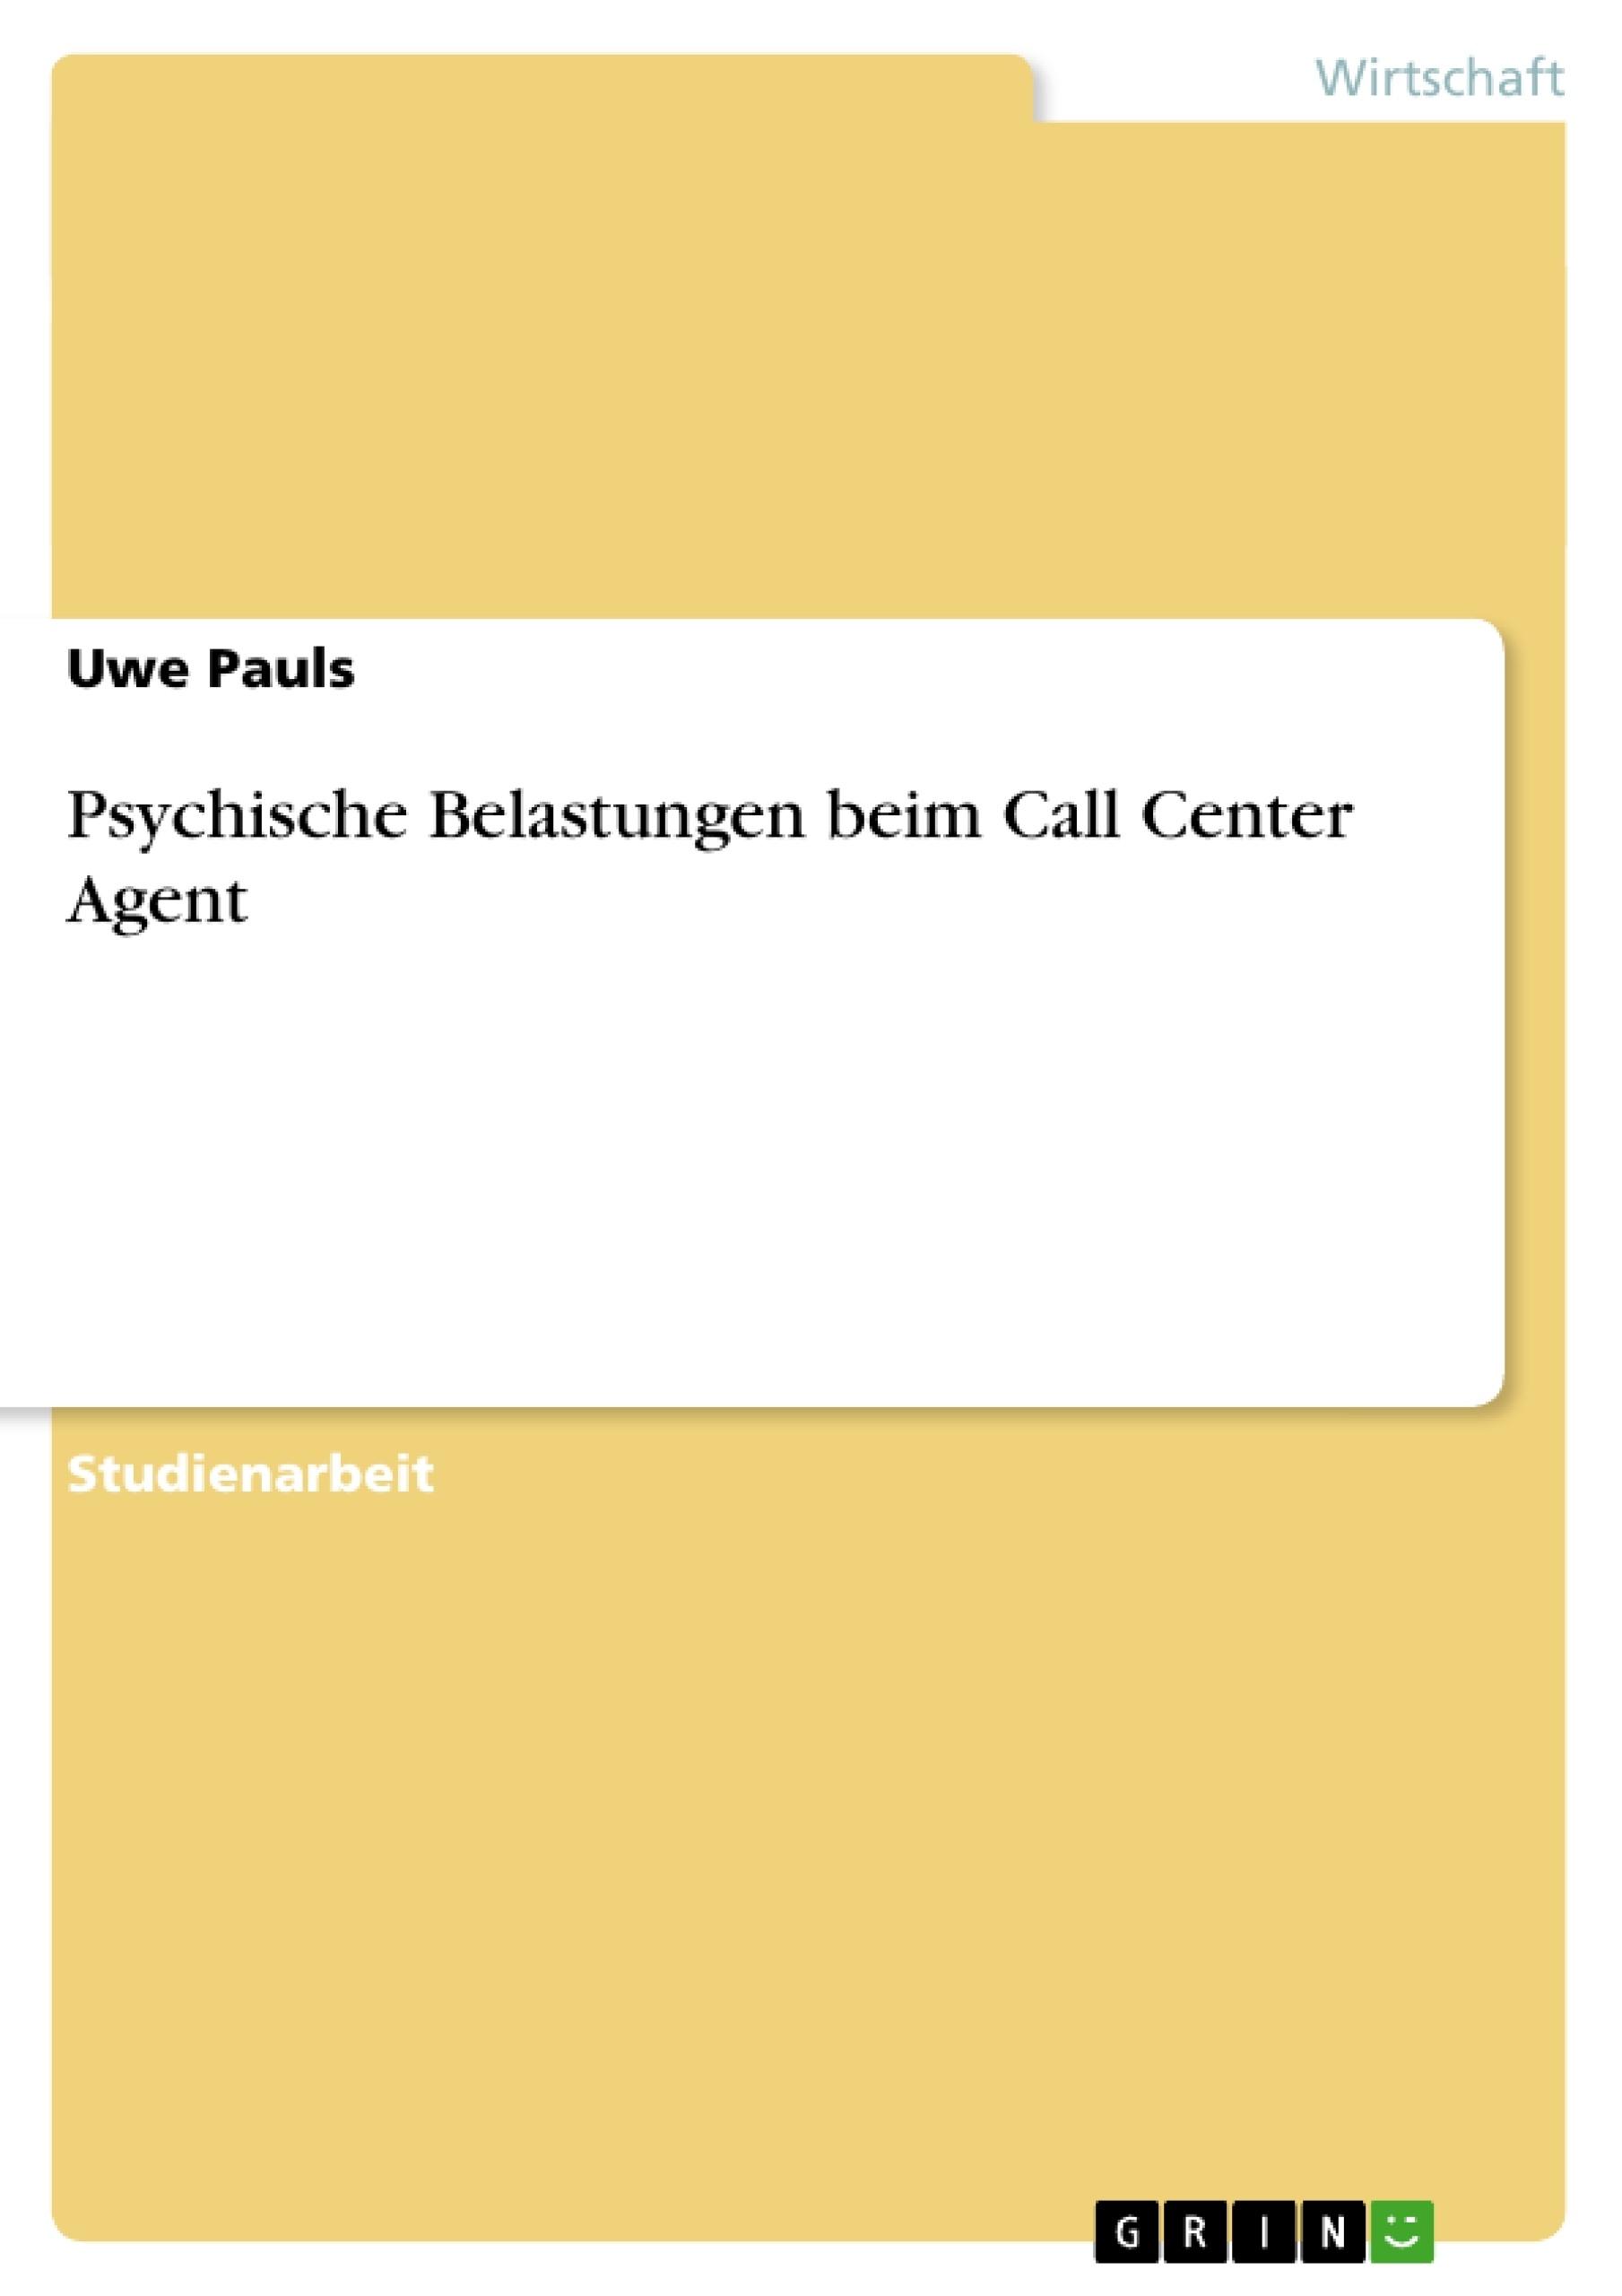 Titel: Psychische Belastungen beim Call Center Agent